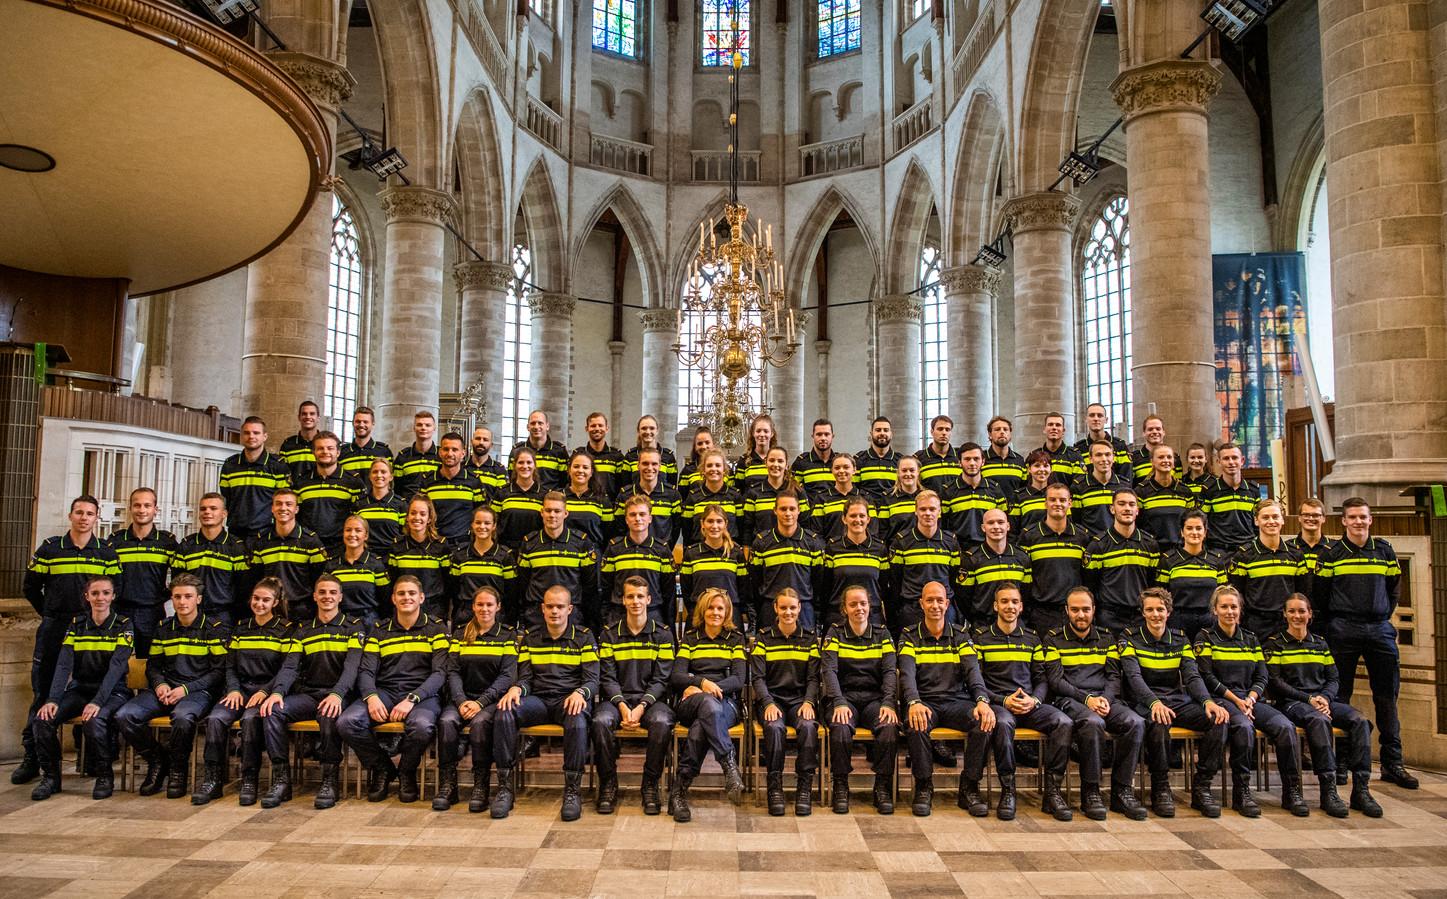 Beëdiging van nieuwe agenten in de Laurenskerk in Rotterdam op 18-10-2019.